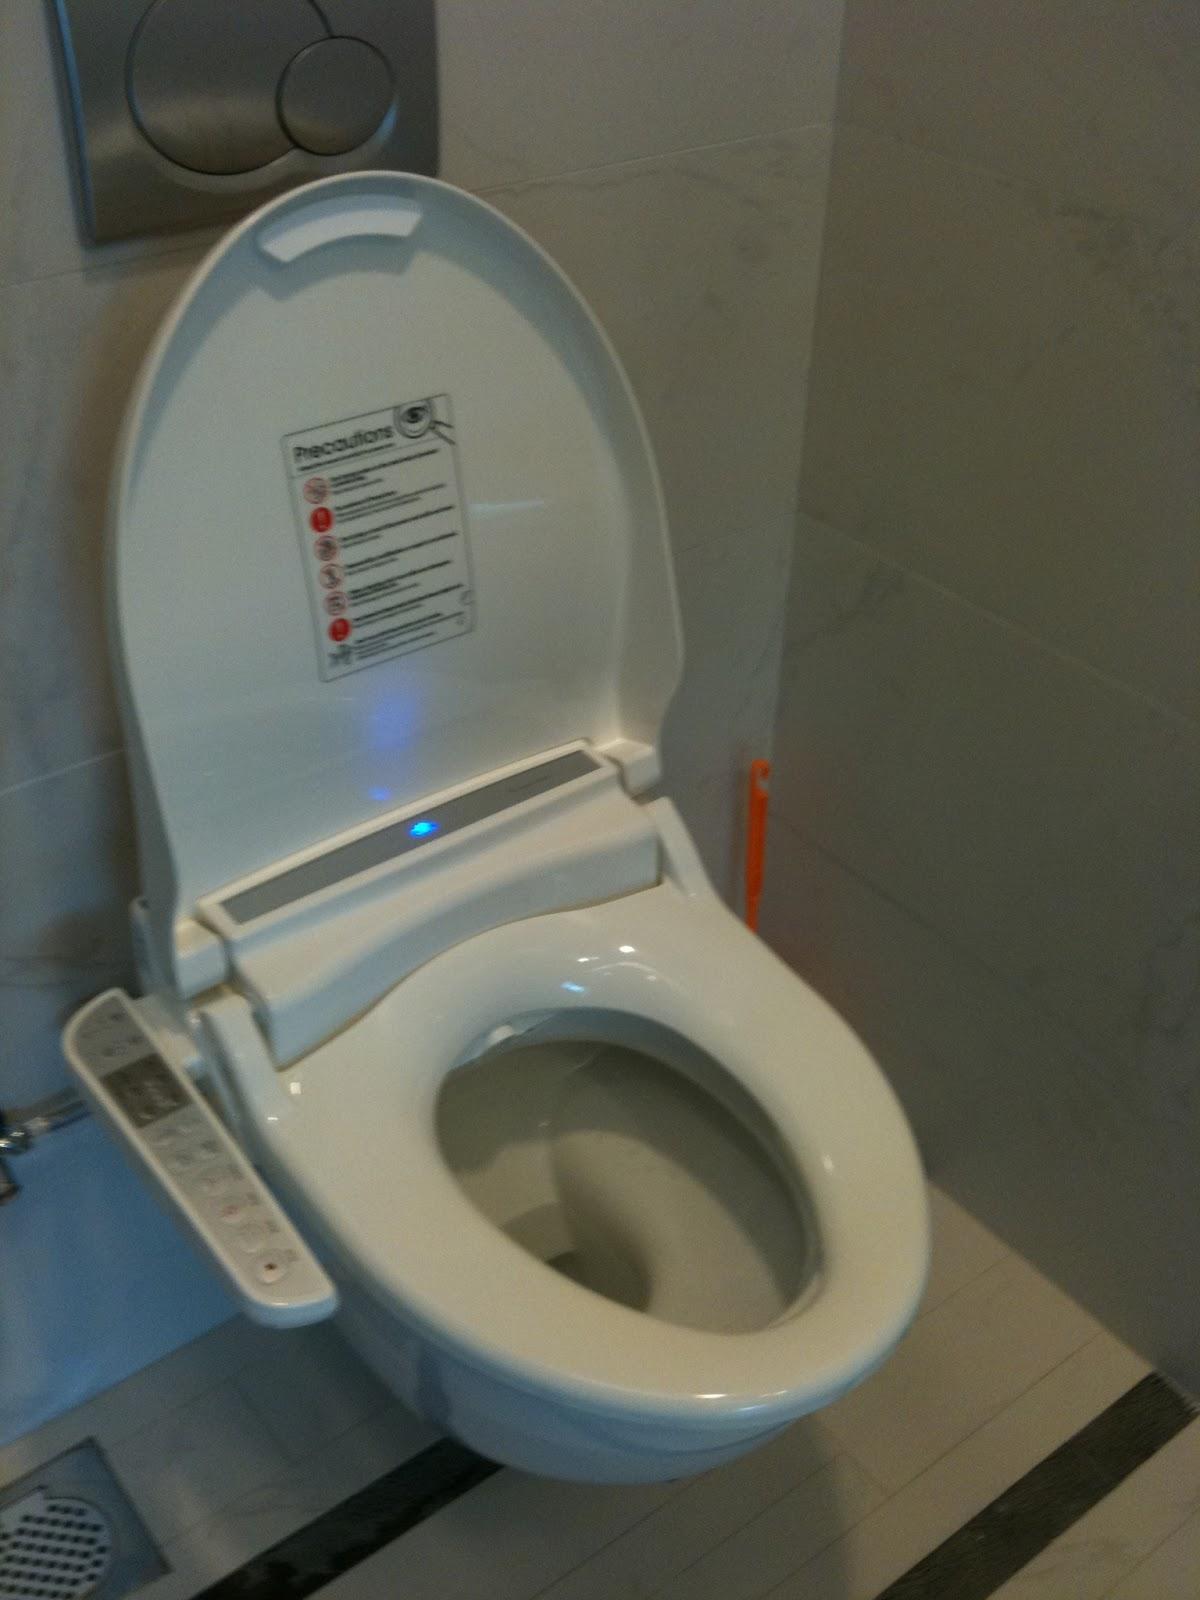 I Enjoy Bidet Intelligent Toilet Seat You Can Enjoy Too